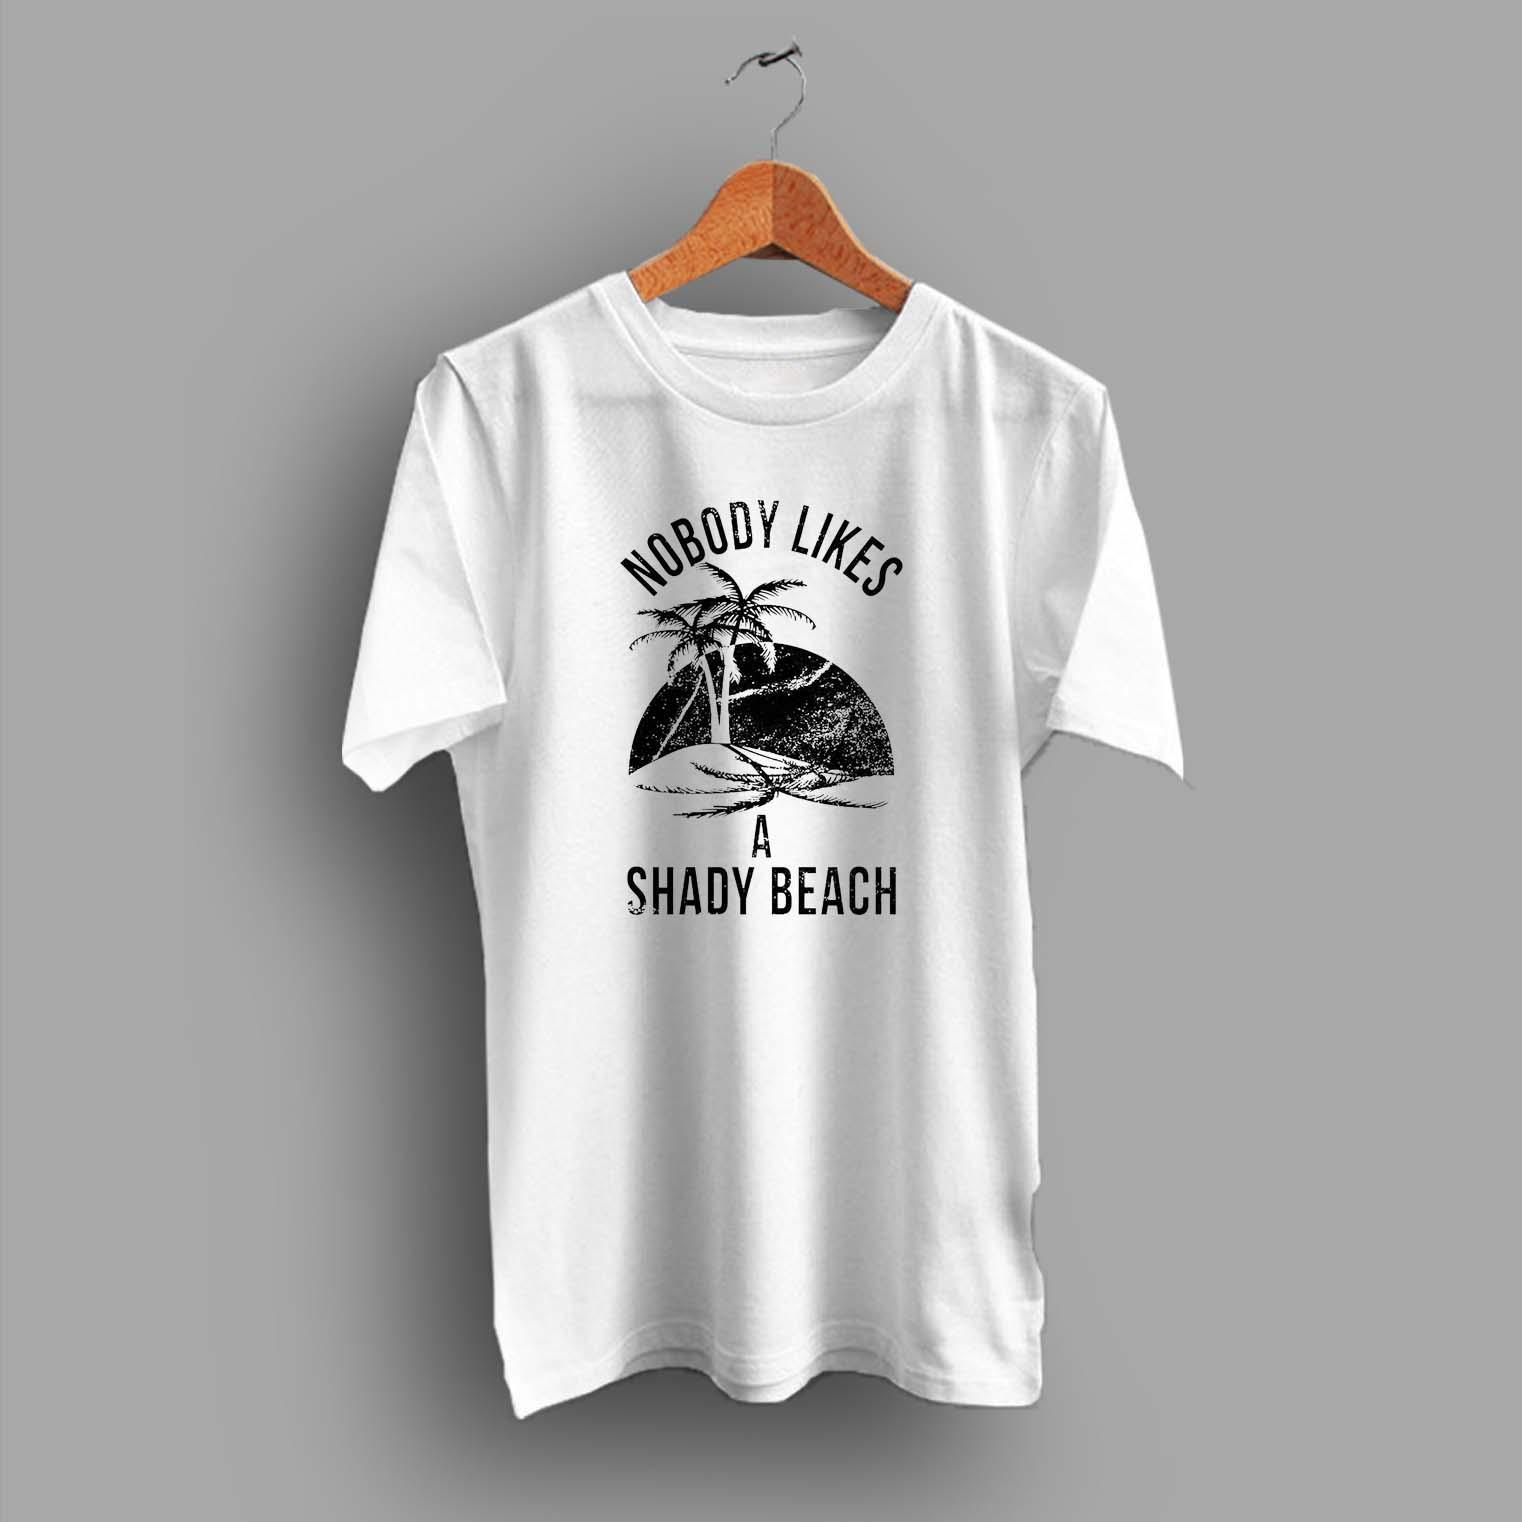 Nobody Likes A Shady Beach Summer T Shirt - Hotvero